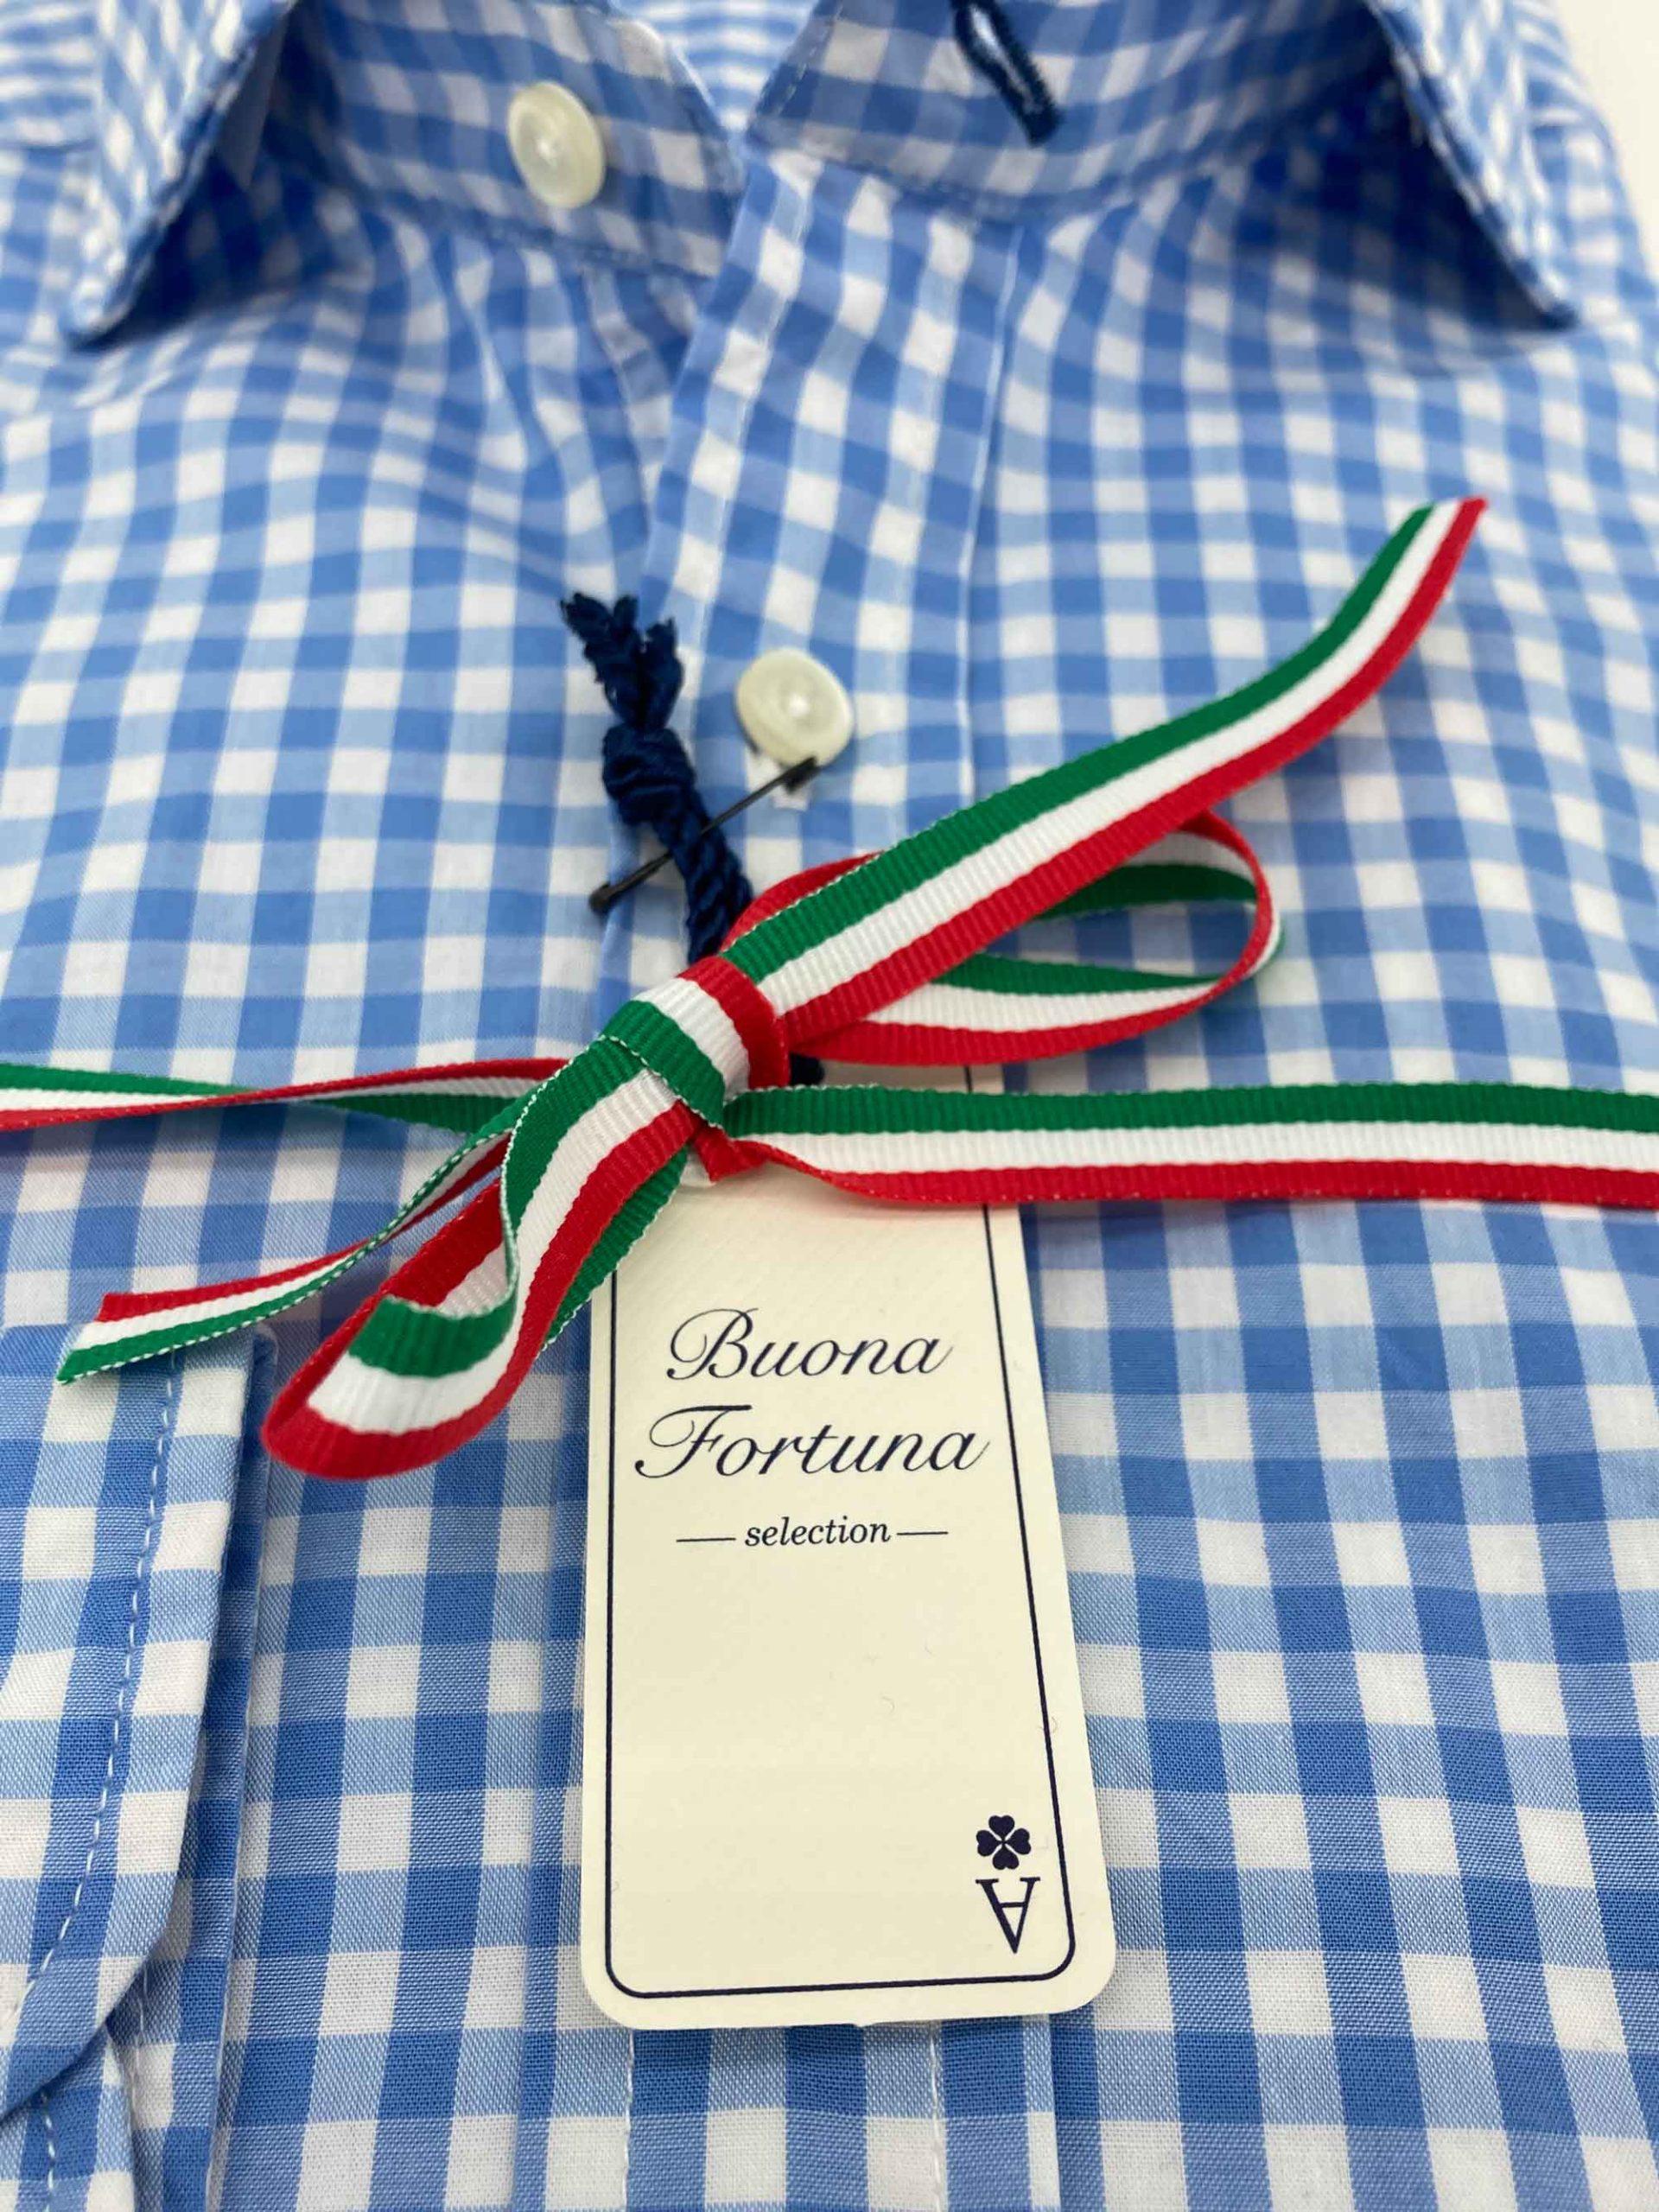 camisas buona fortuna comprar online camisas italianas exlusivas cuadros celeste y blanco